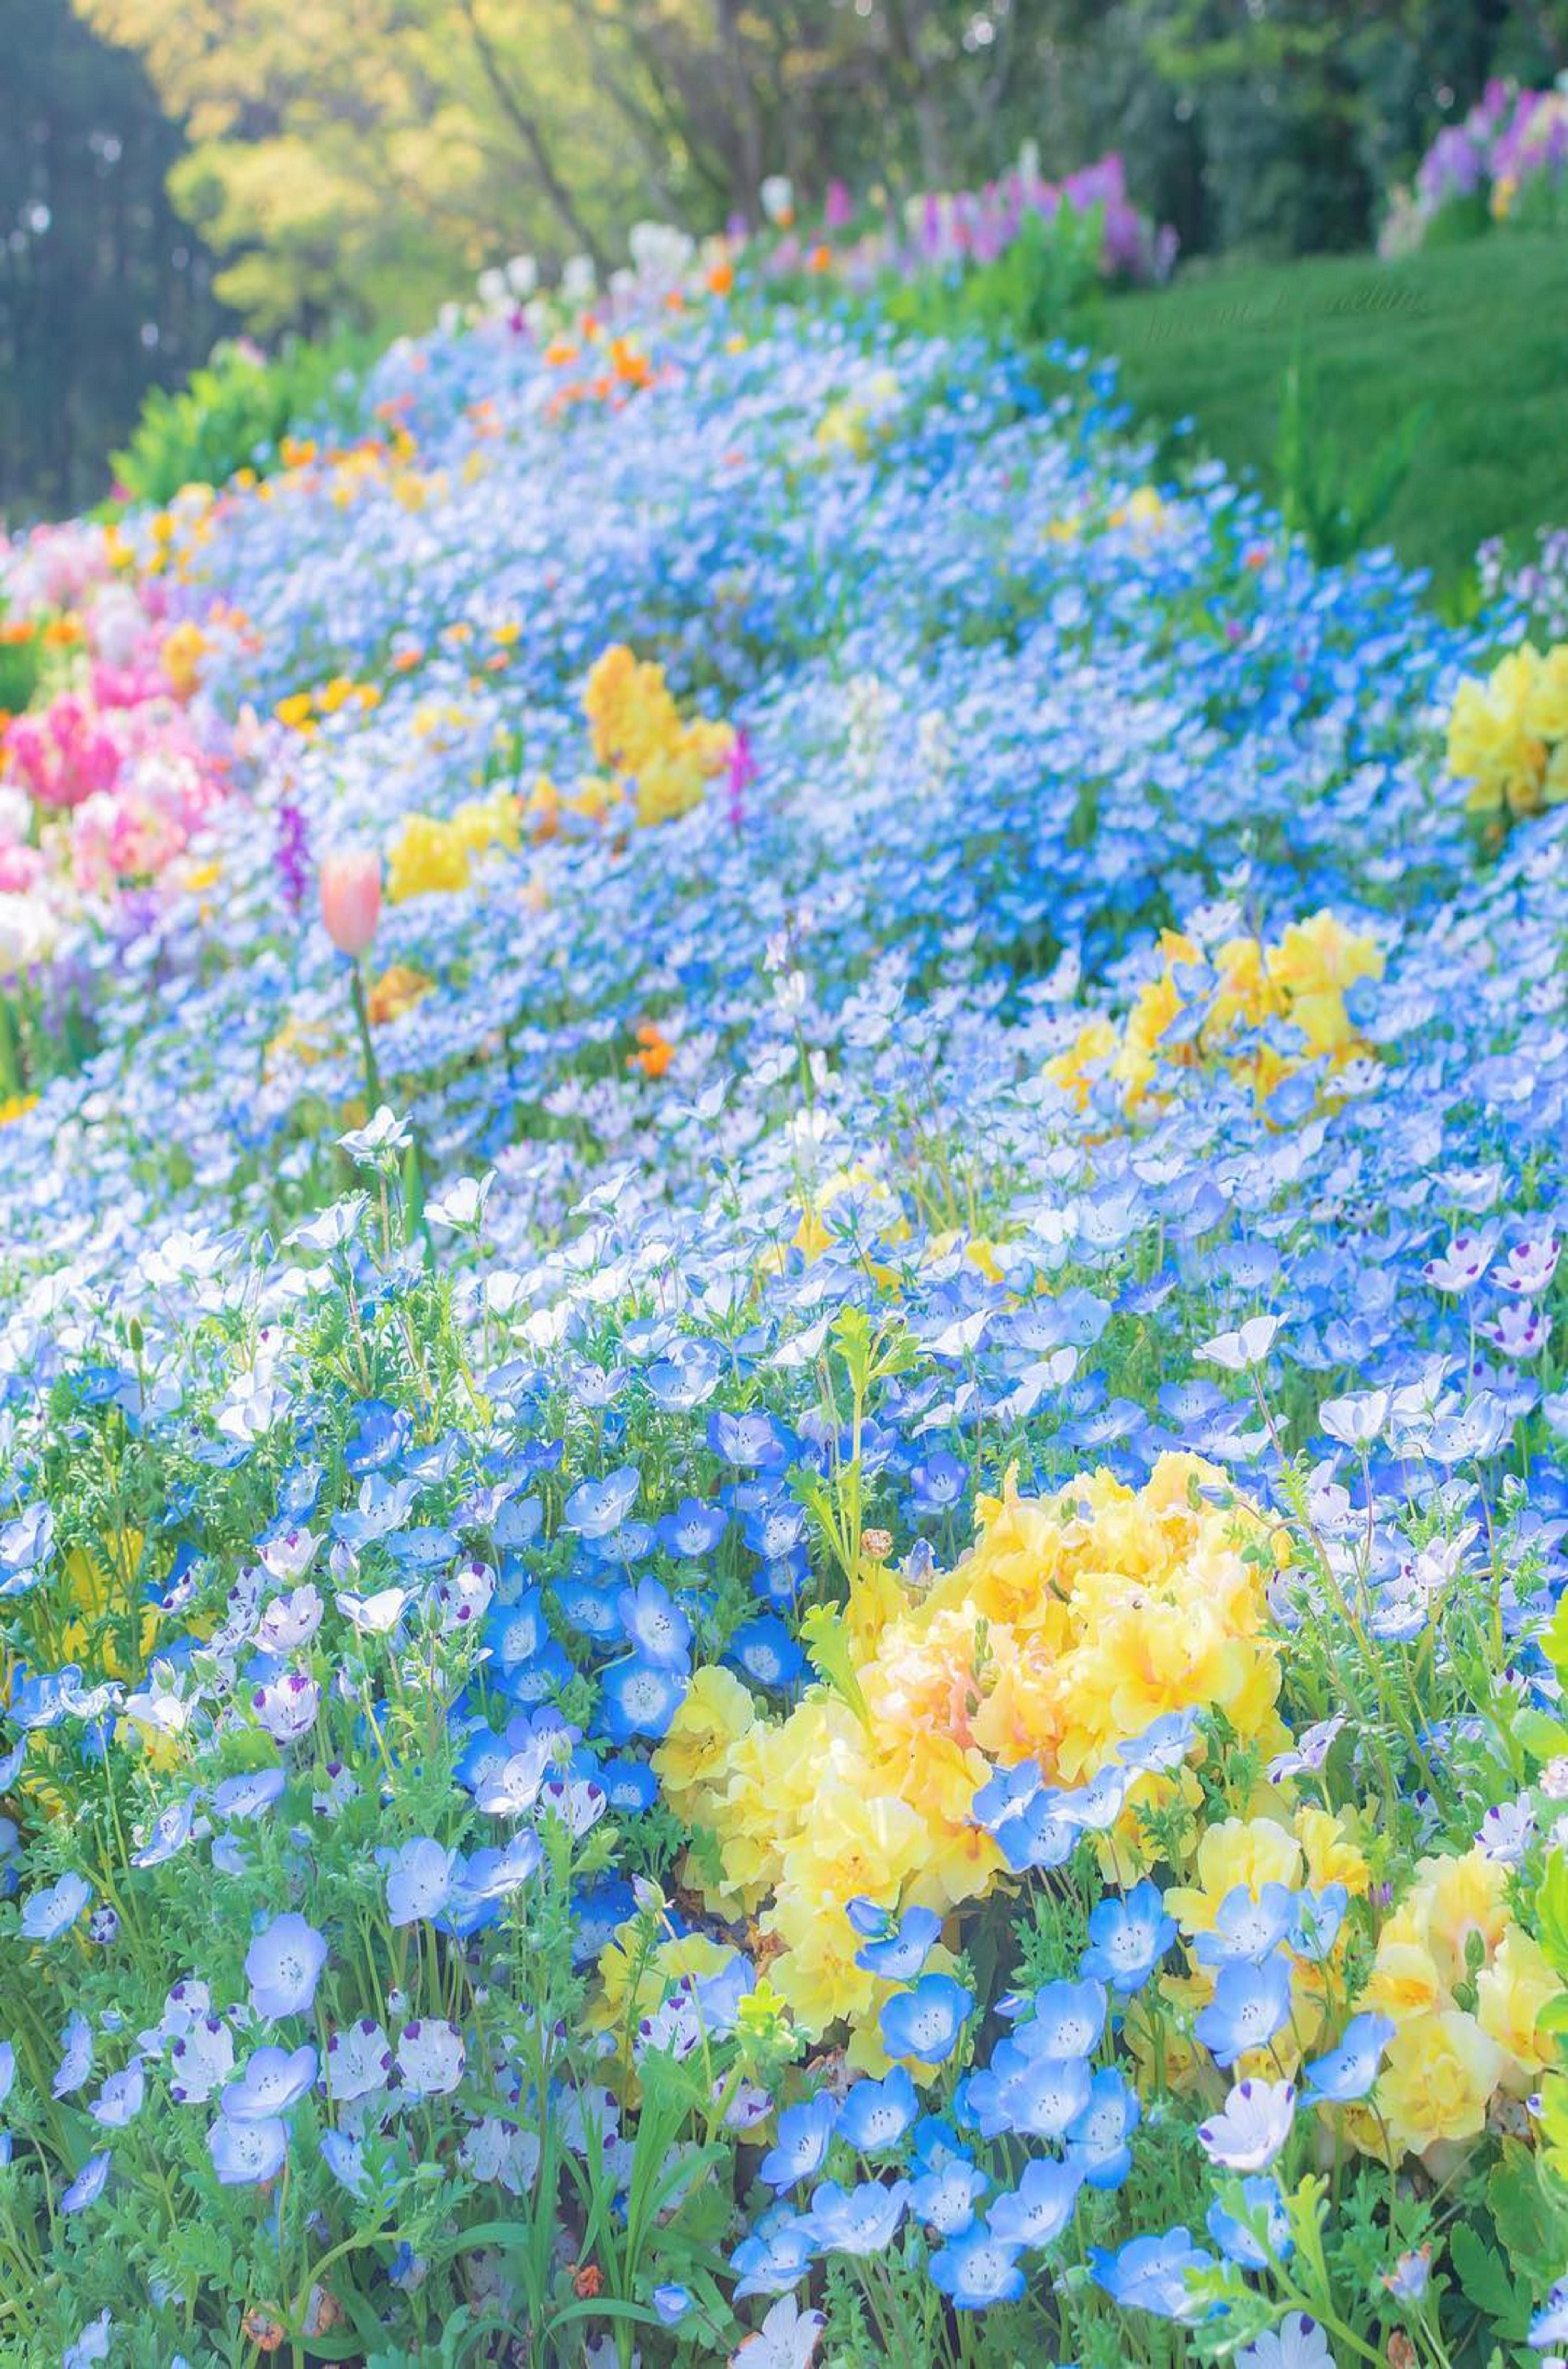 Rasteniya おしゃれまとめの人気アイデア Pinterest Cune 美しい花 綺麗な花 花 壁紙